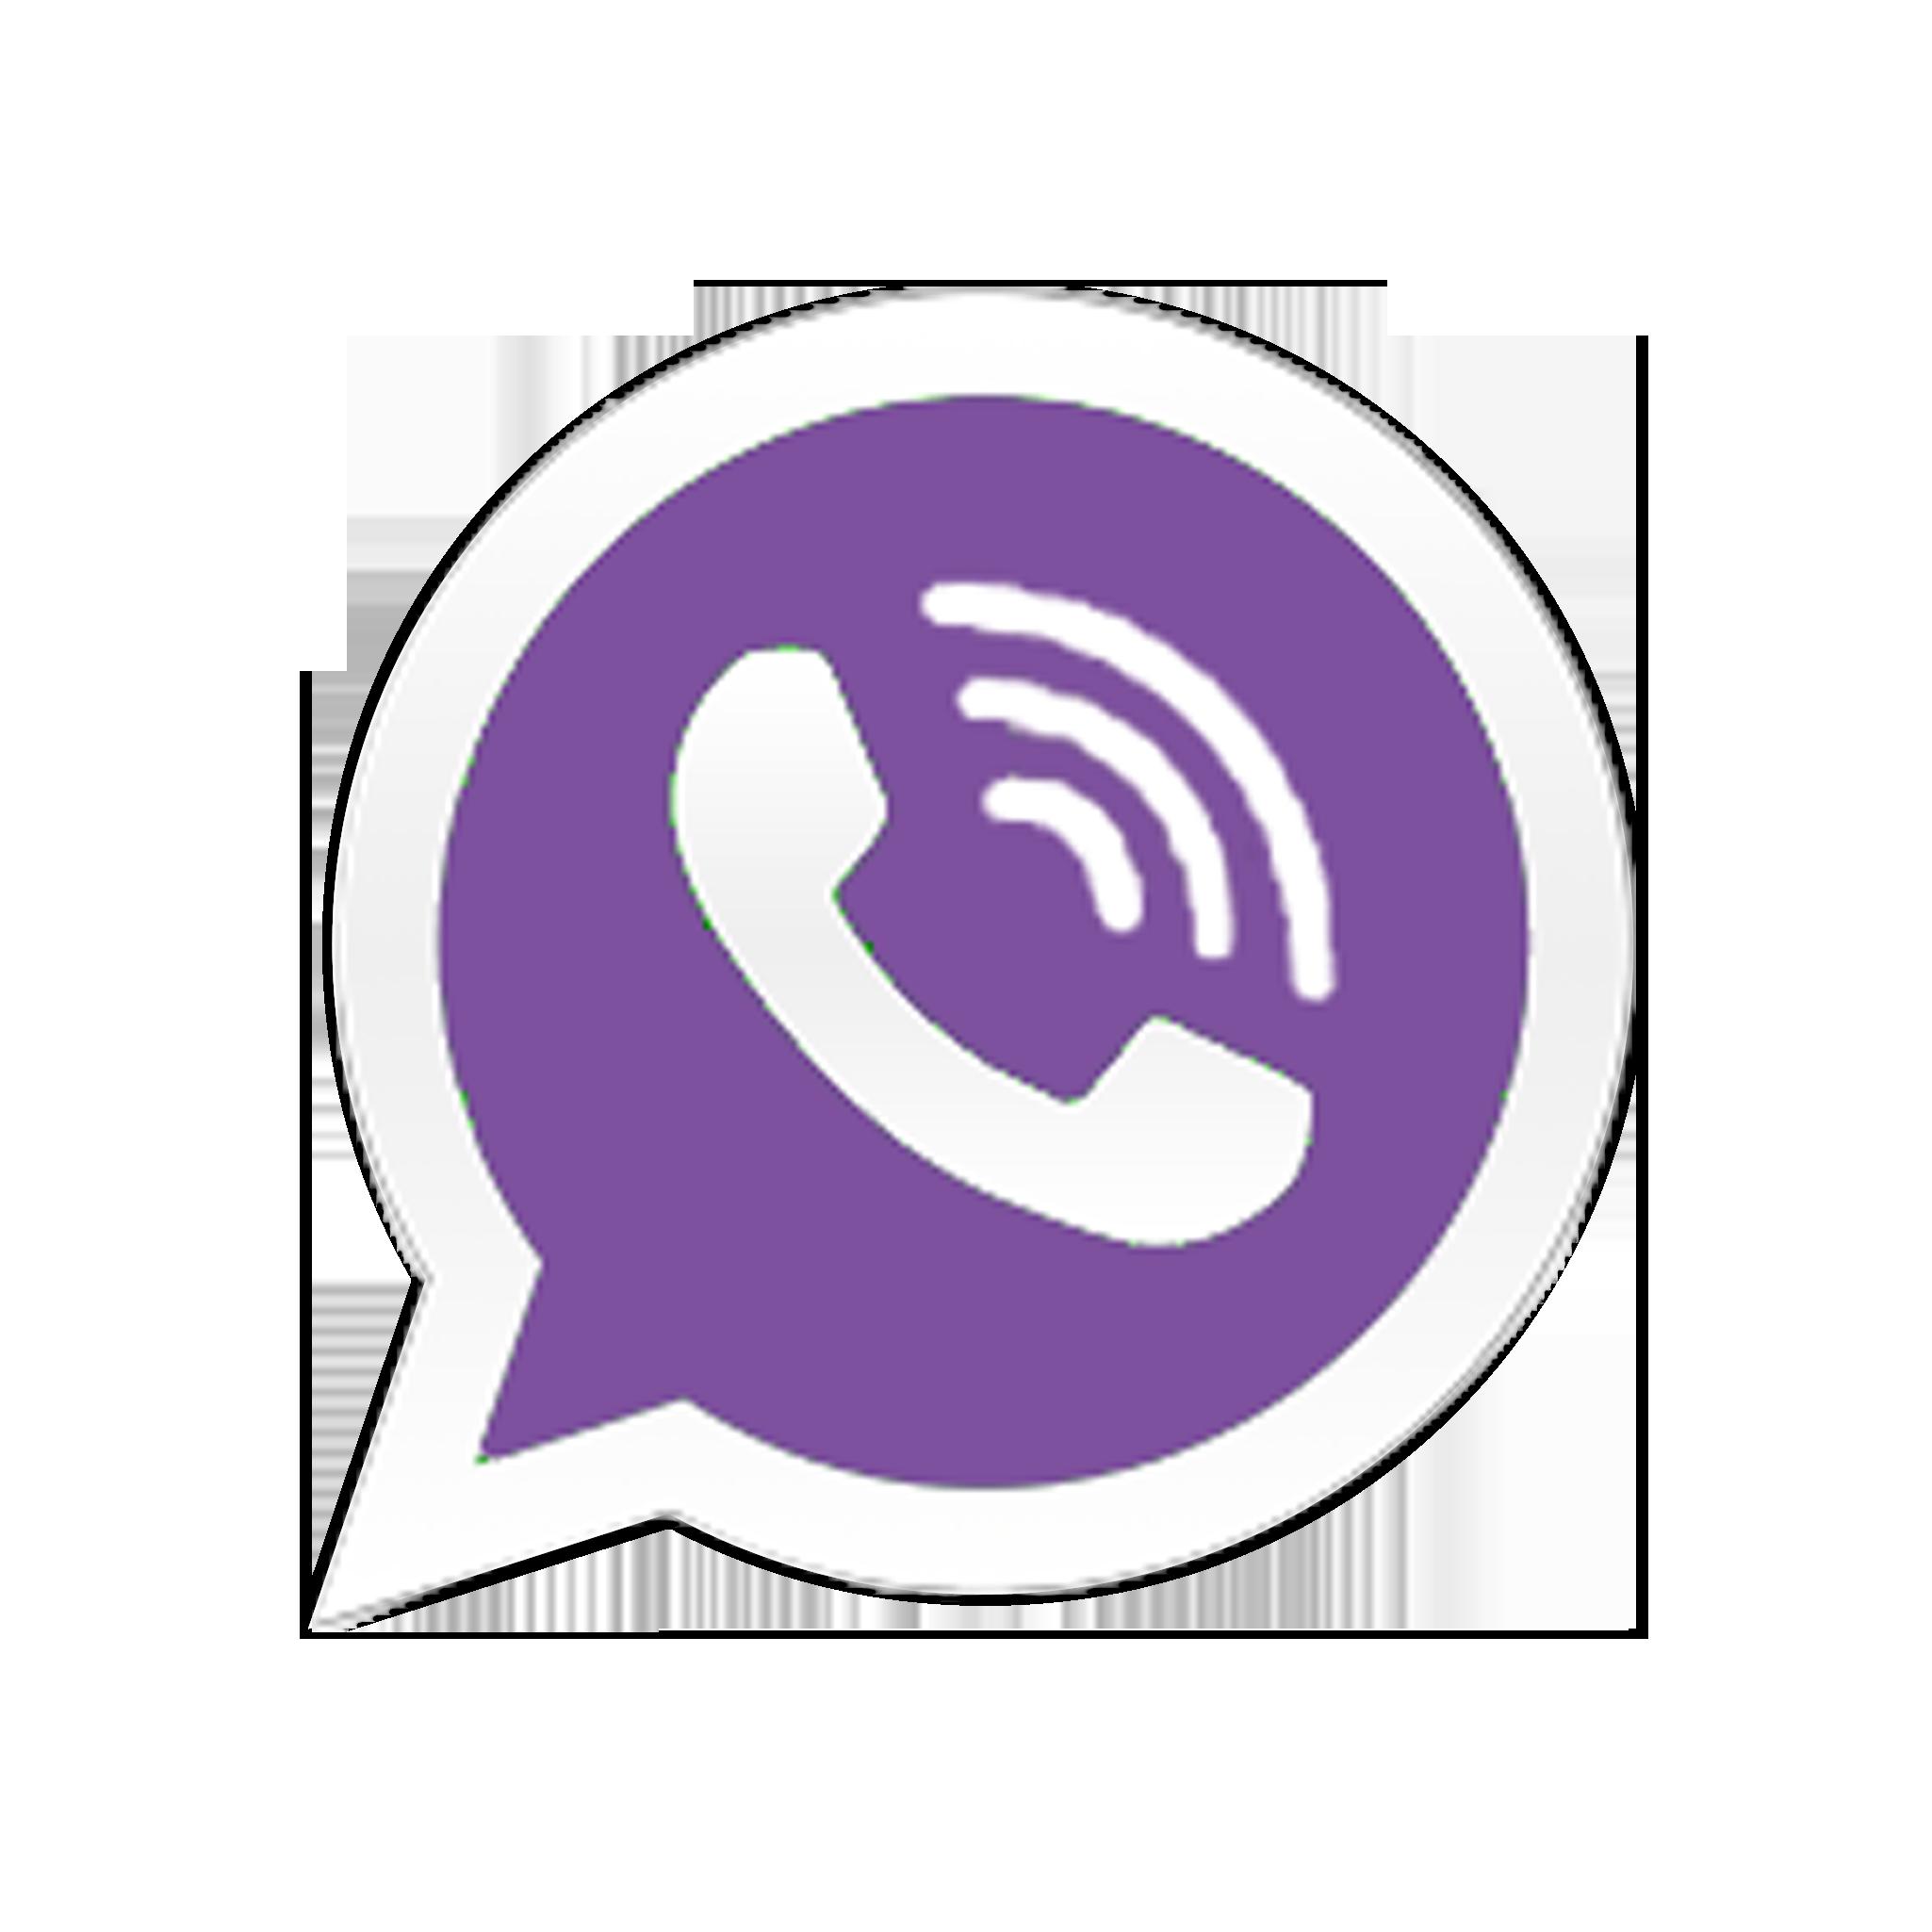 Viber logo PNG - Viber PNG